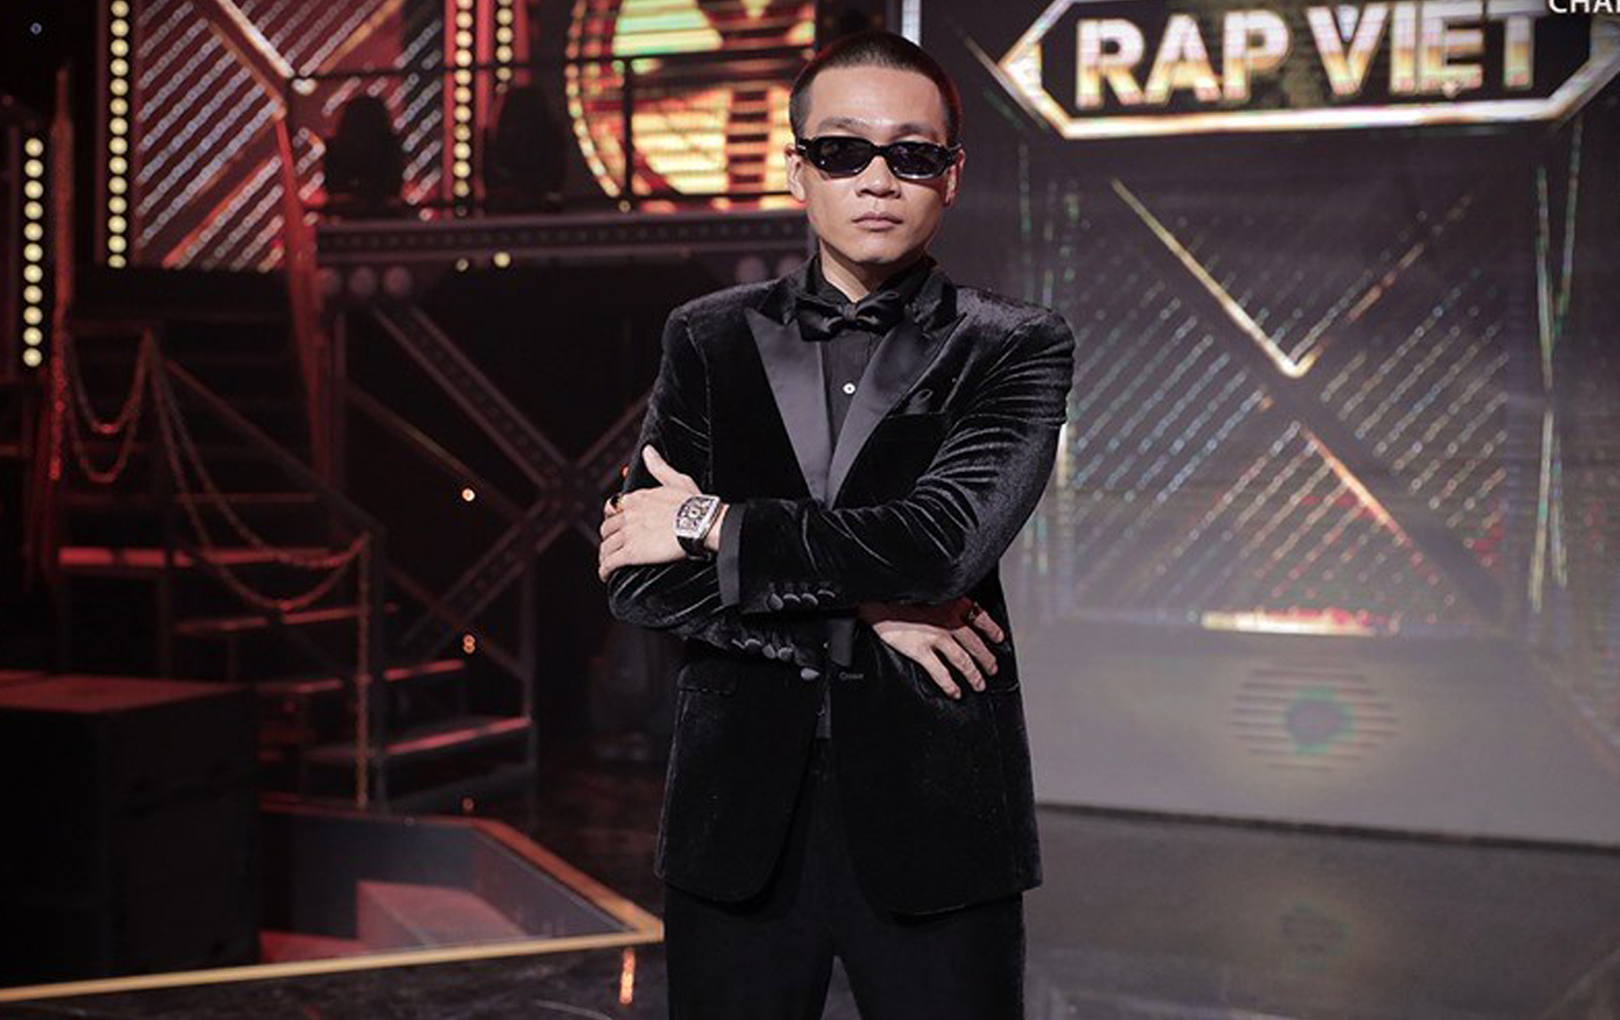 Wowy bị ốm, ngồi không nổi vẫn cố gắng ghi hình Rap Việt khiến fan vừa thương vừa kính trọng